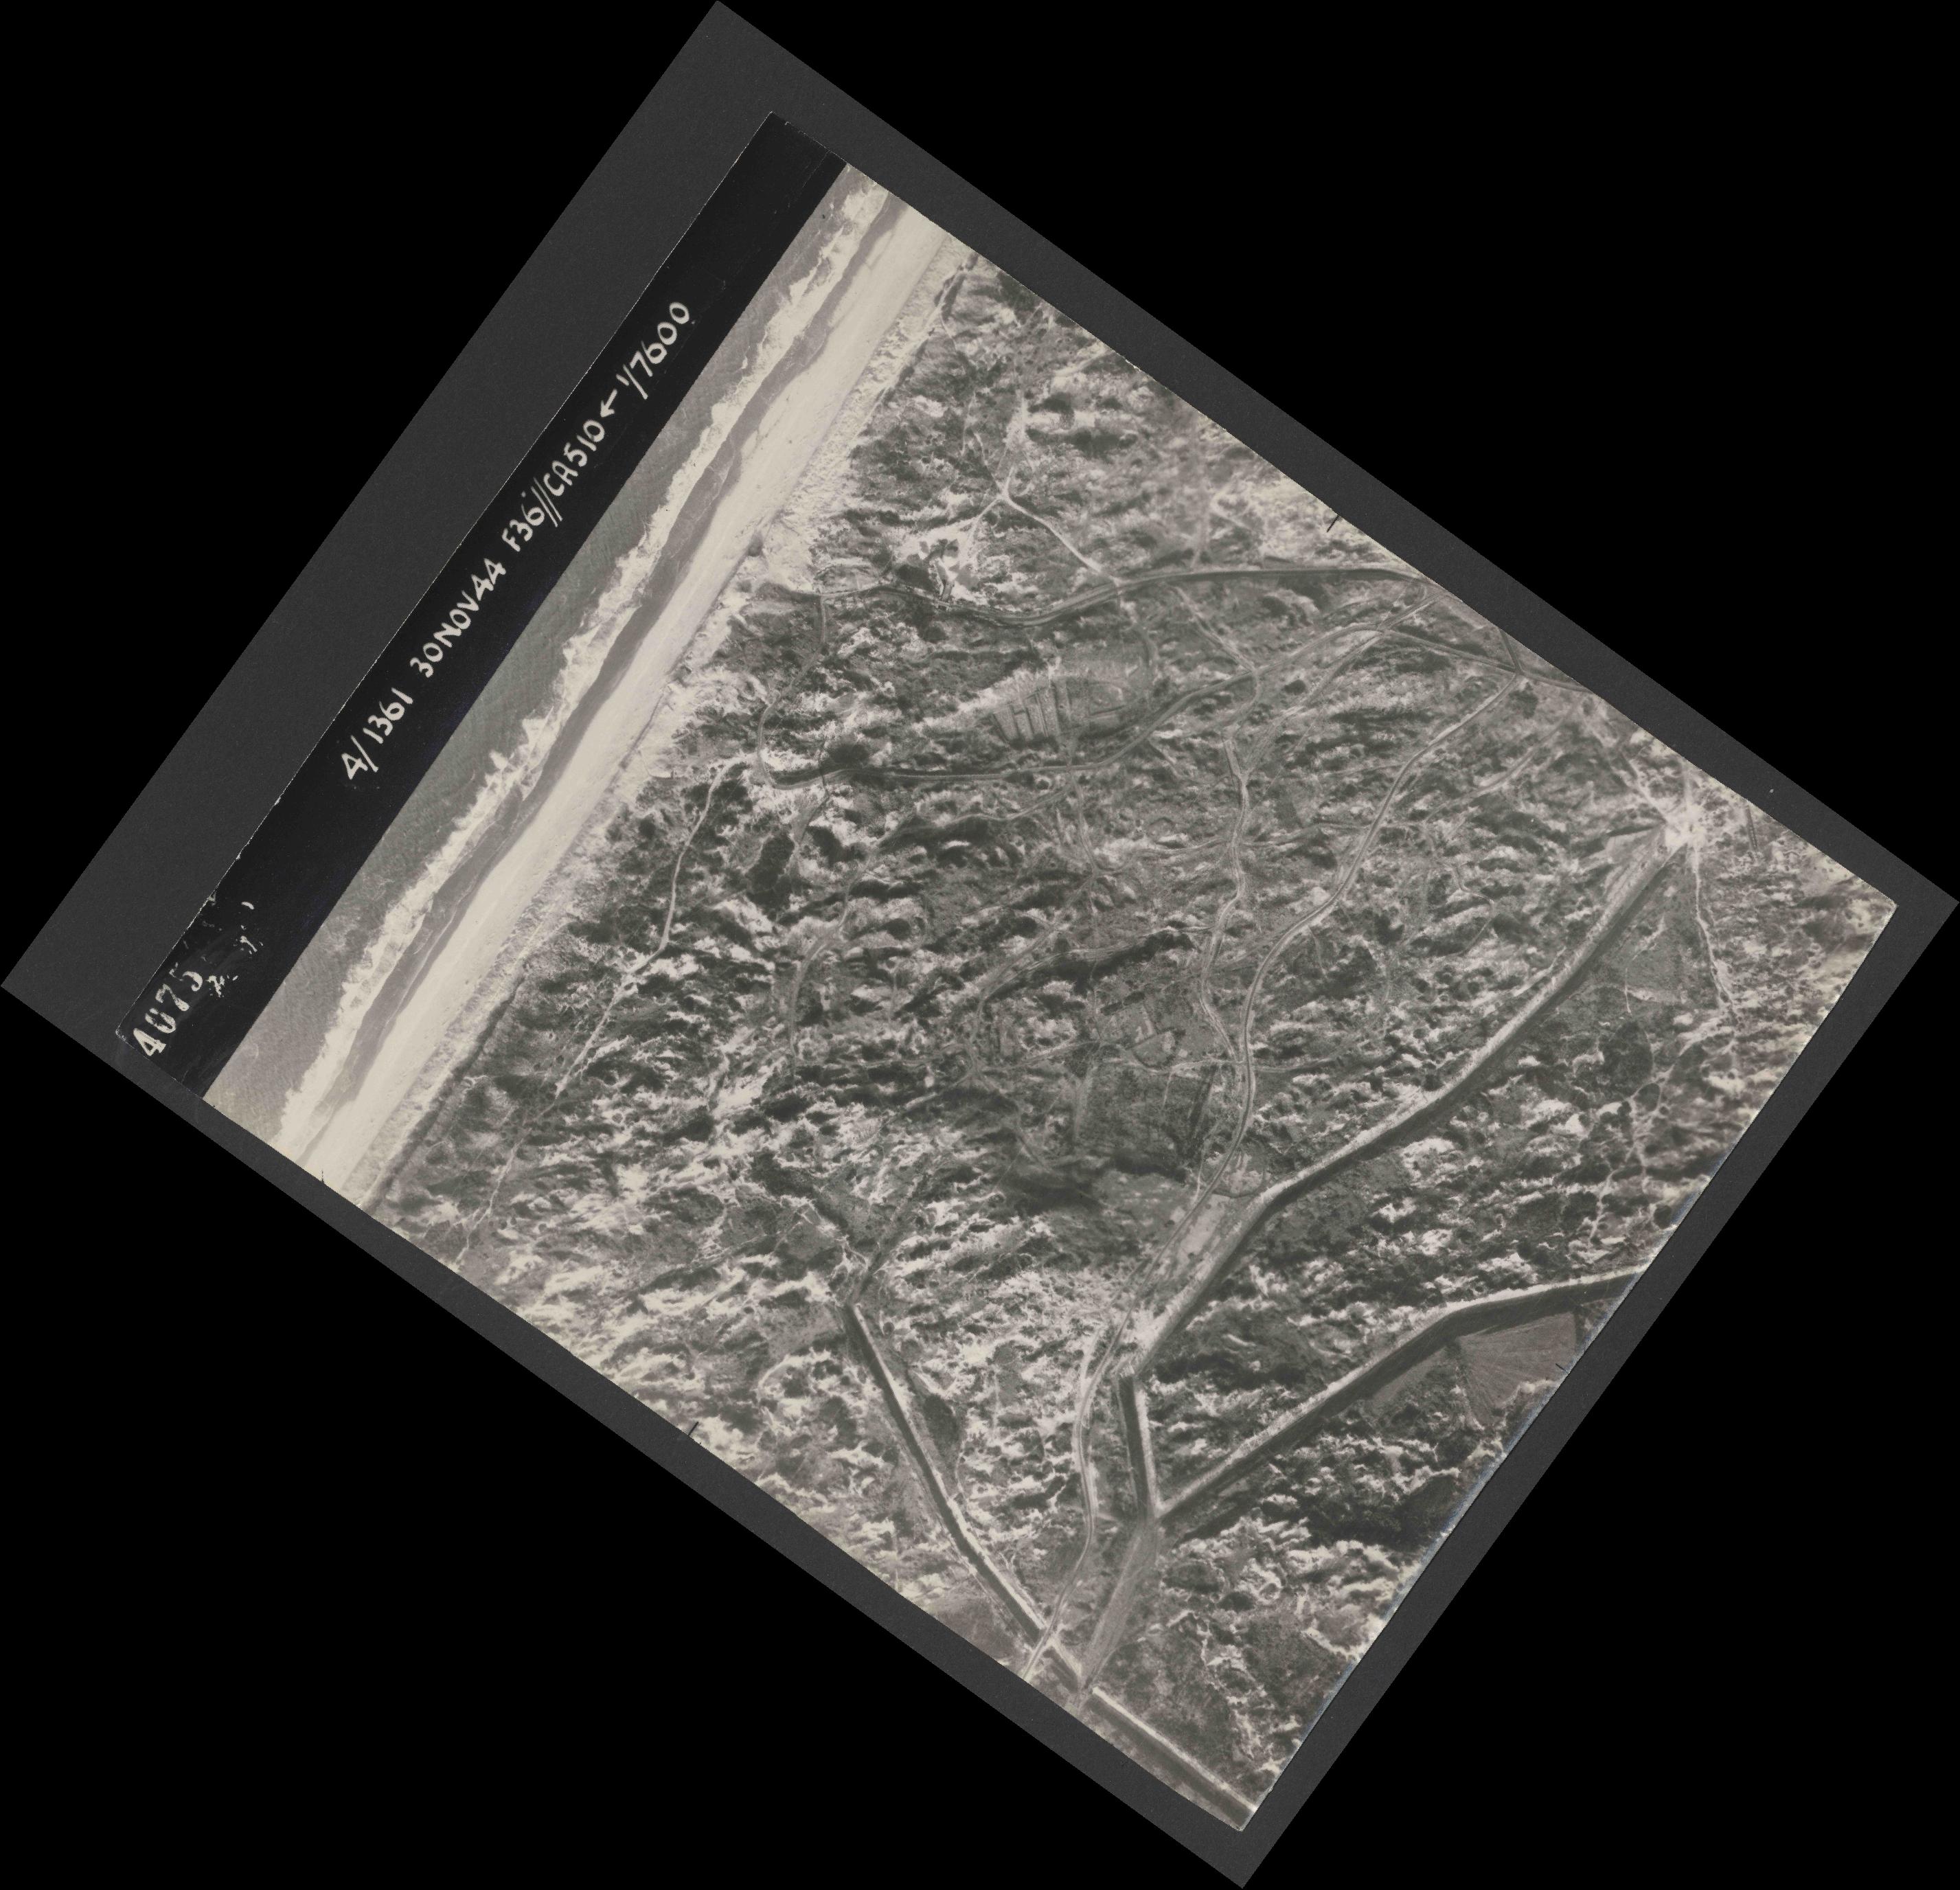 Collection RAF aerial photos 1940-1945 - flight 151, run 01, photo 4075